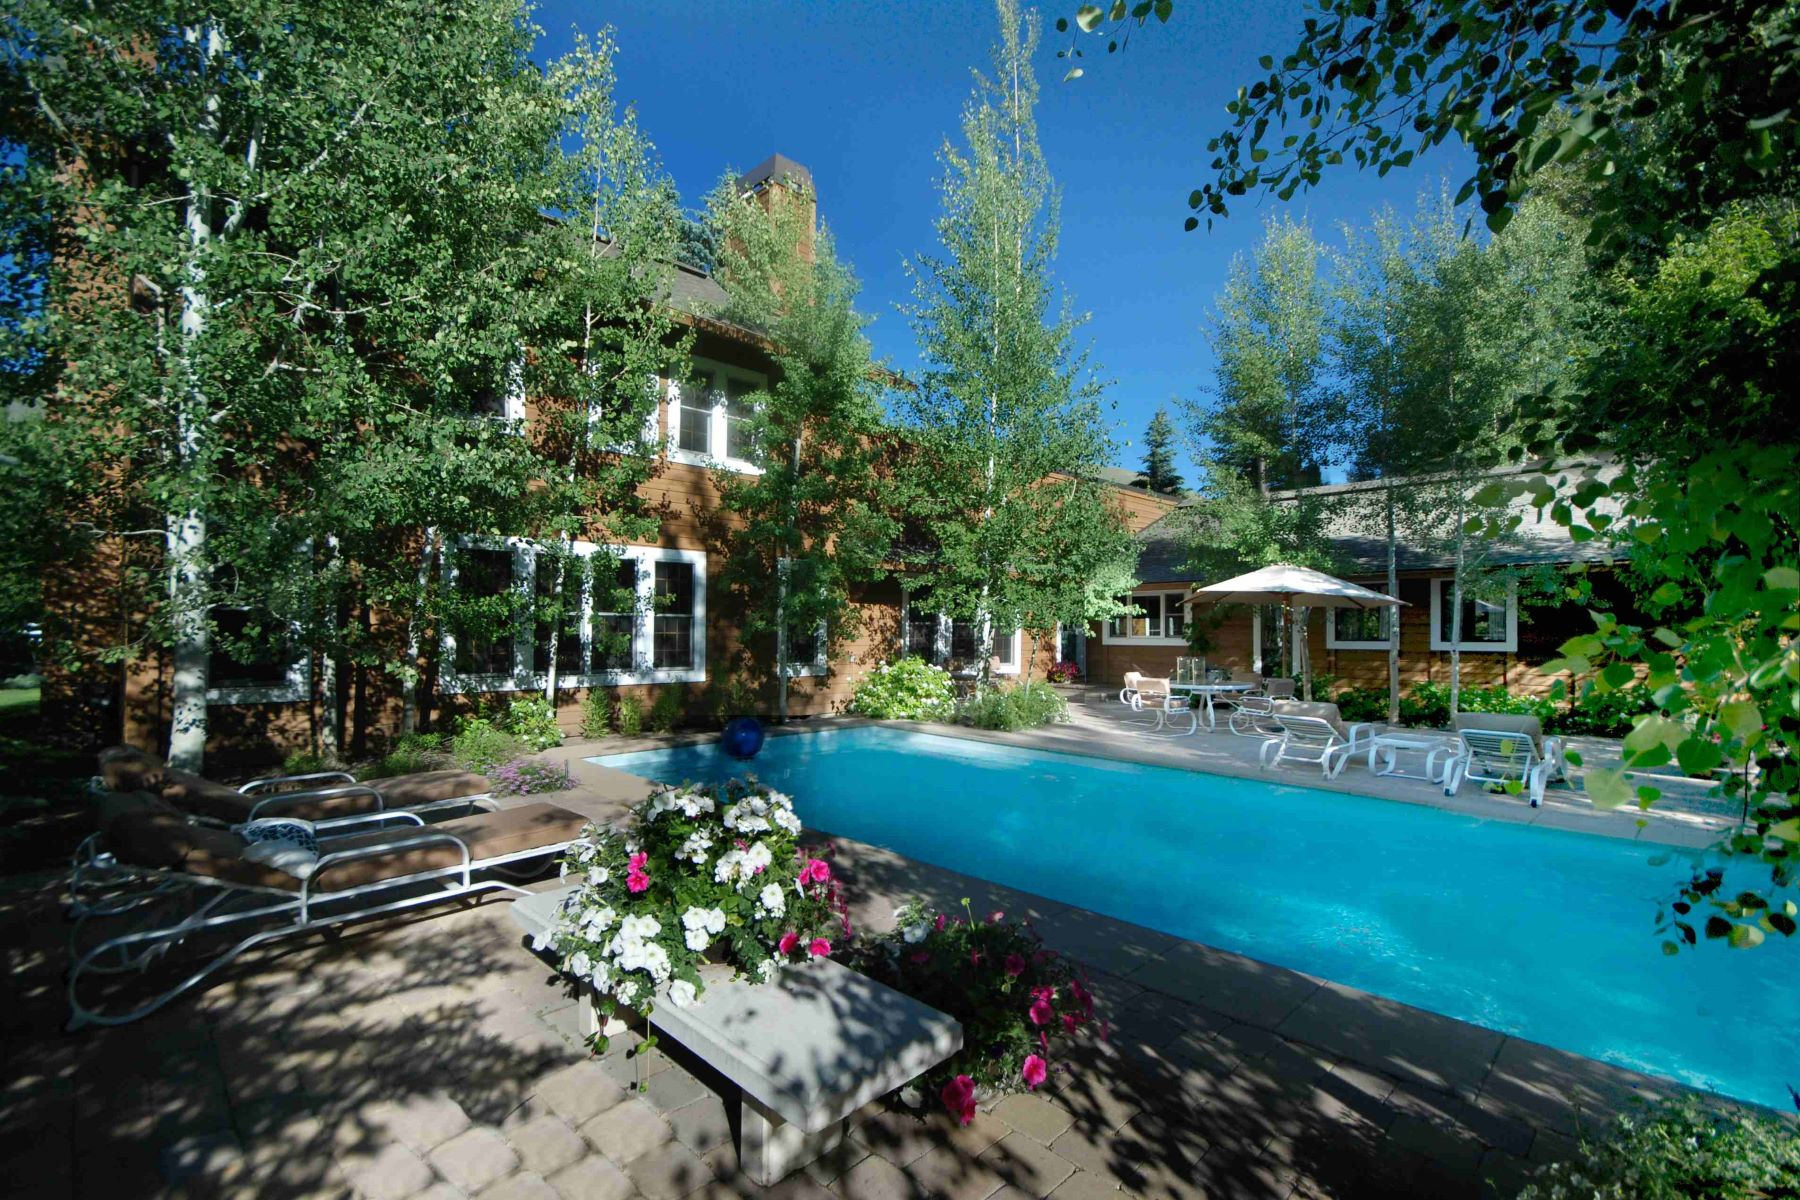 Casa Unifamiliar por un Venta en Aspen Hollow Elegance 113 Aspen Hollow Road Ketchum, Idaho 83340 Estados Unidos